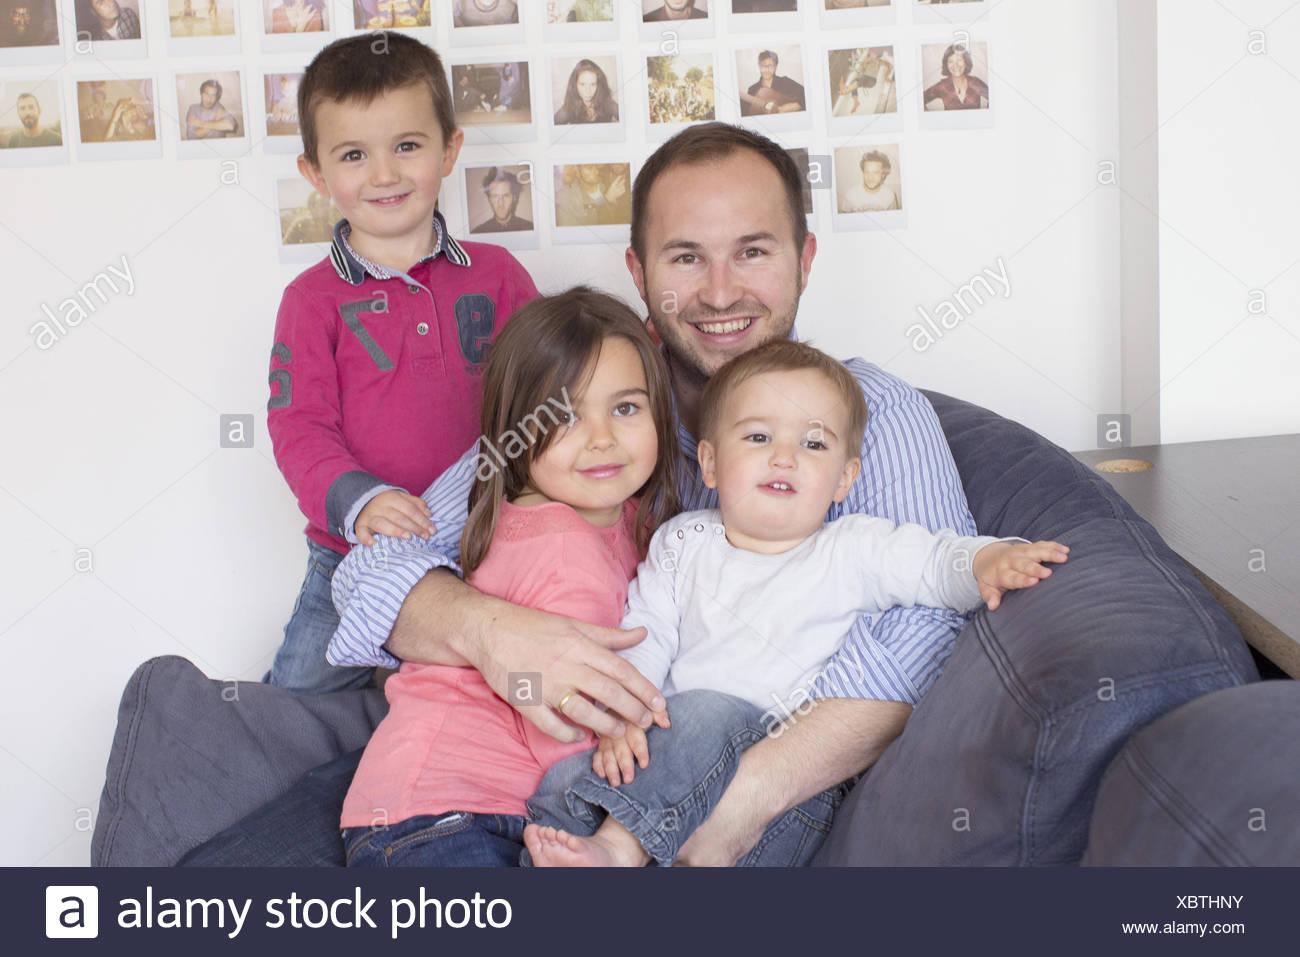 Padre e bambini seduti insieme sul divano, ritratto Immagini Stock